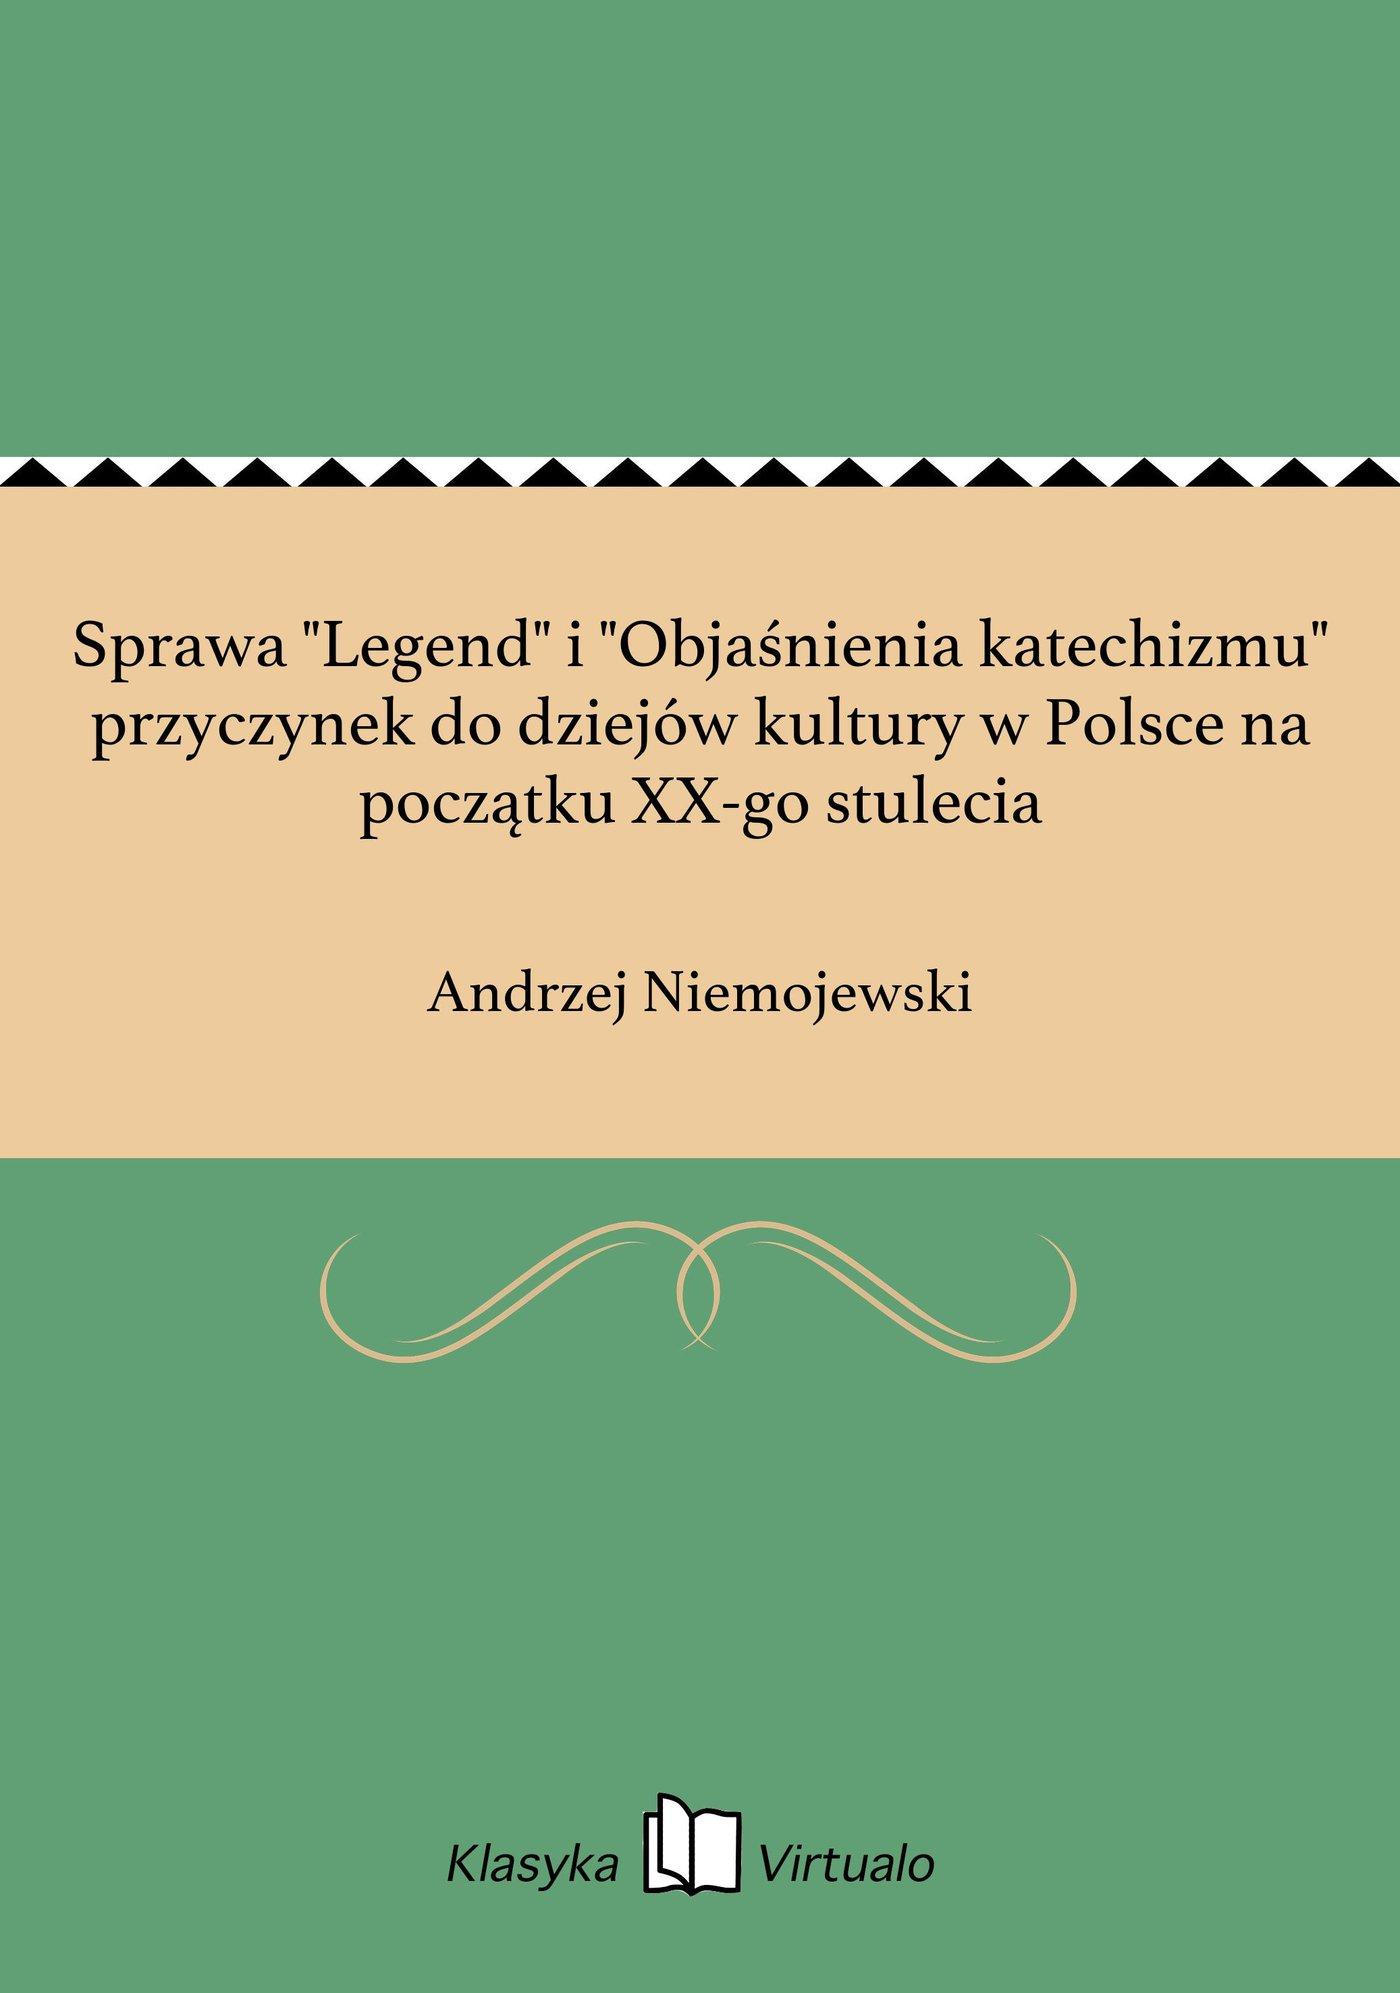 """Sprawa """"Legend"""" i """"Objaśnienia katechizmu"""" przyczynek do dziejów kultury w Polsce na początku XX-go stulecia - Ebook (Książka EPUB) do pobrania w formacie EPUB"""